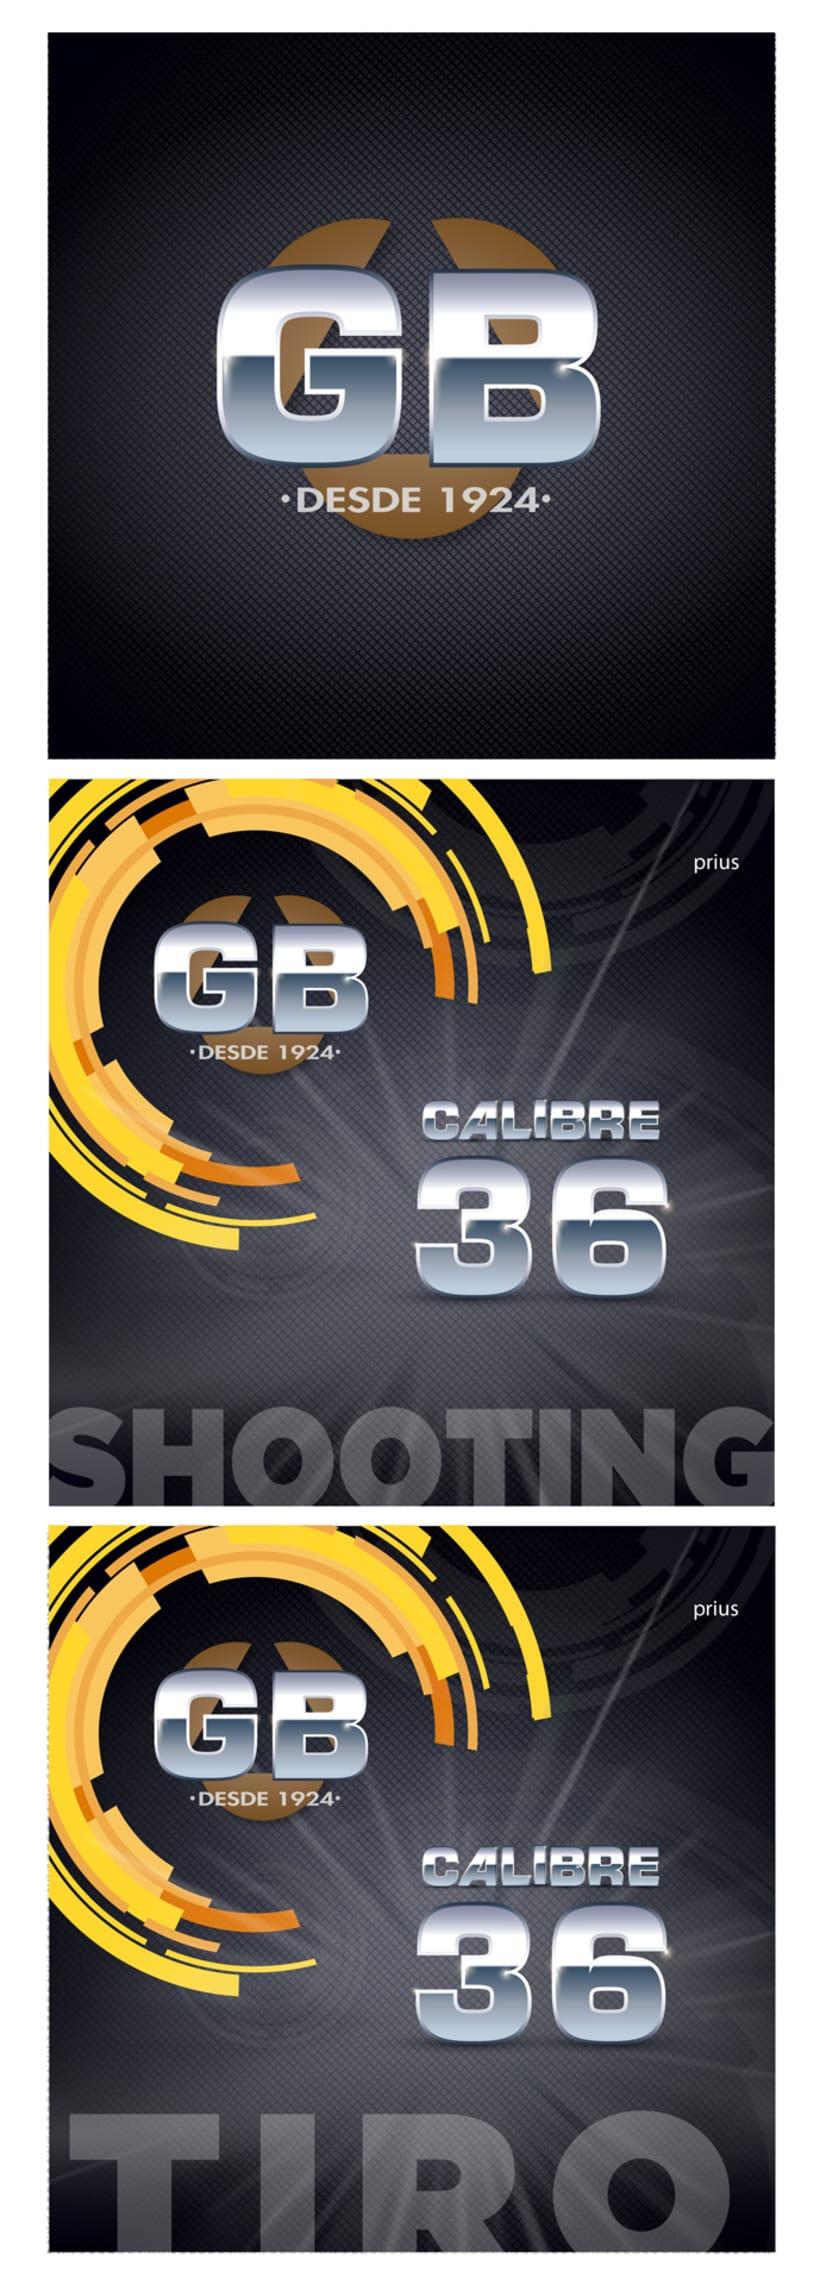 Diseño Logotipo y pack  -1